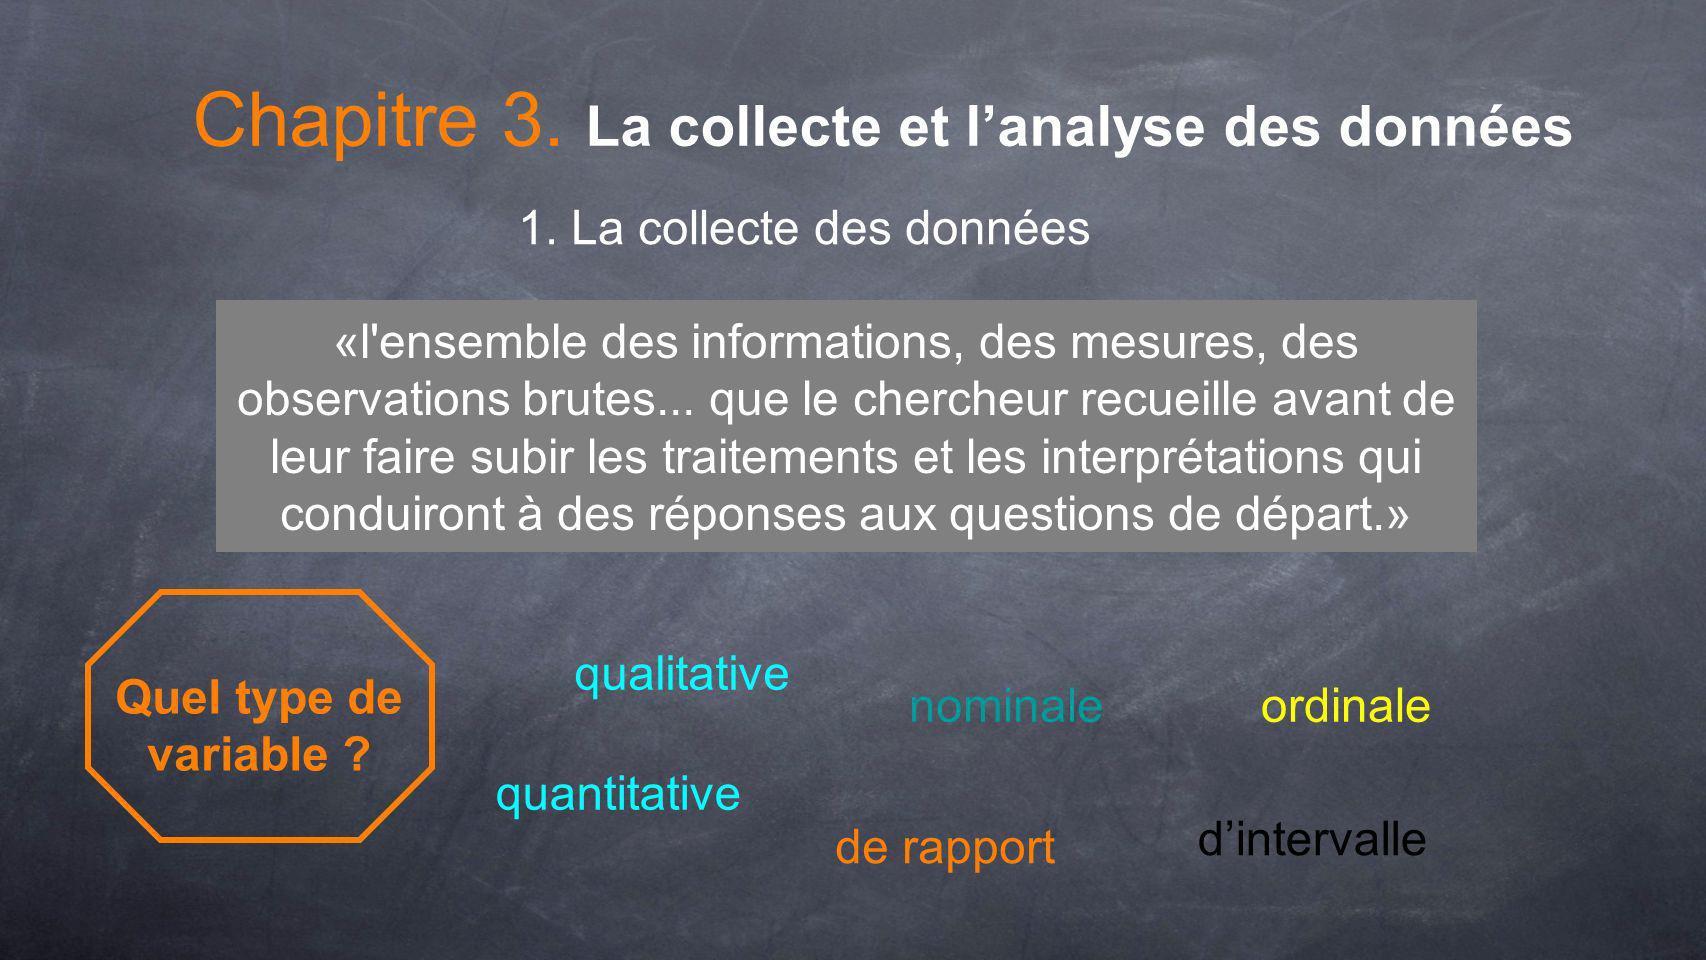 Chapitre 3. La collecte et lanalyse des données 1. La collecte des données Quel type de variable ? quantitative qualitative nominaleordinale «l'ensemb